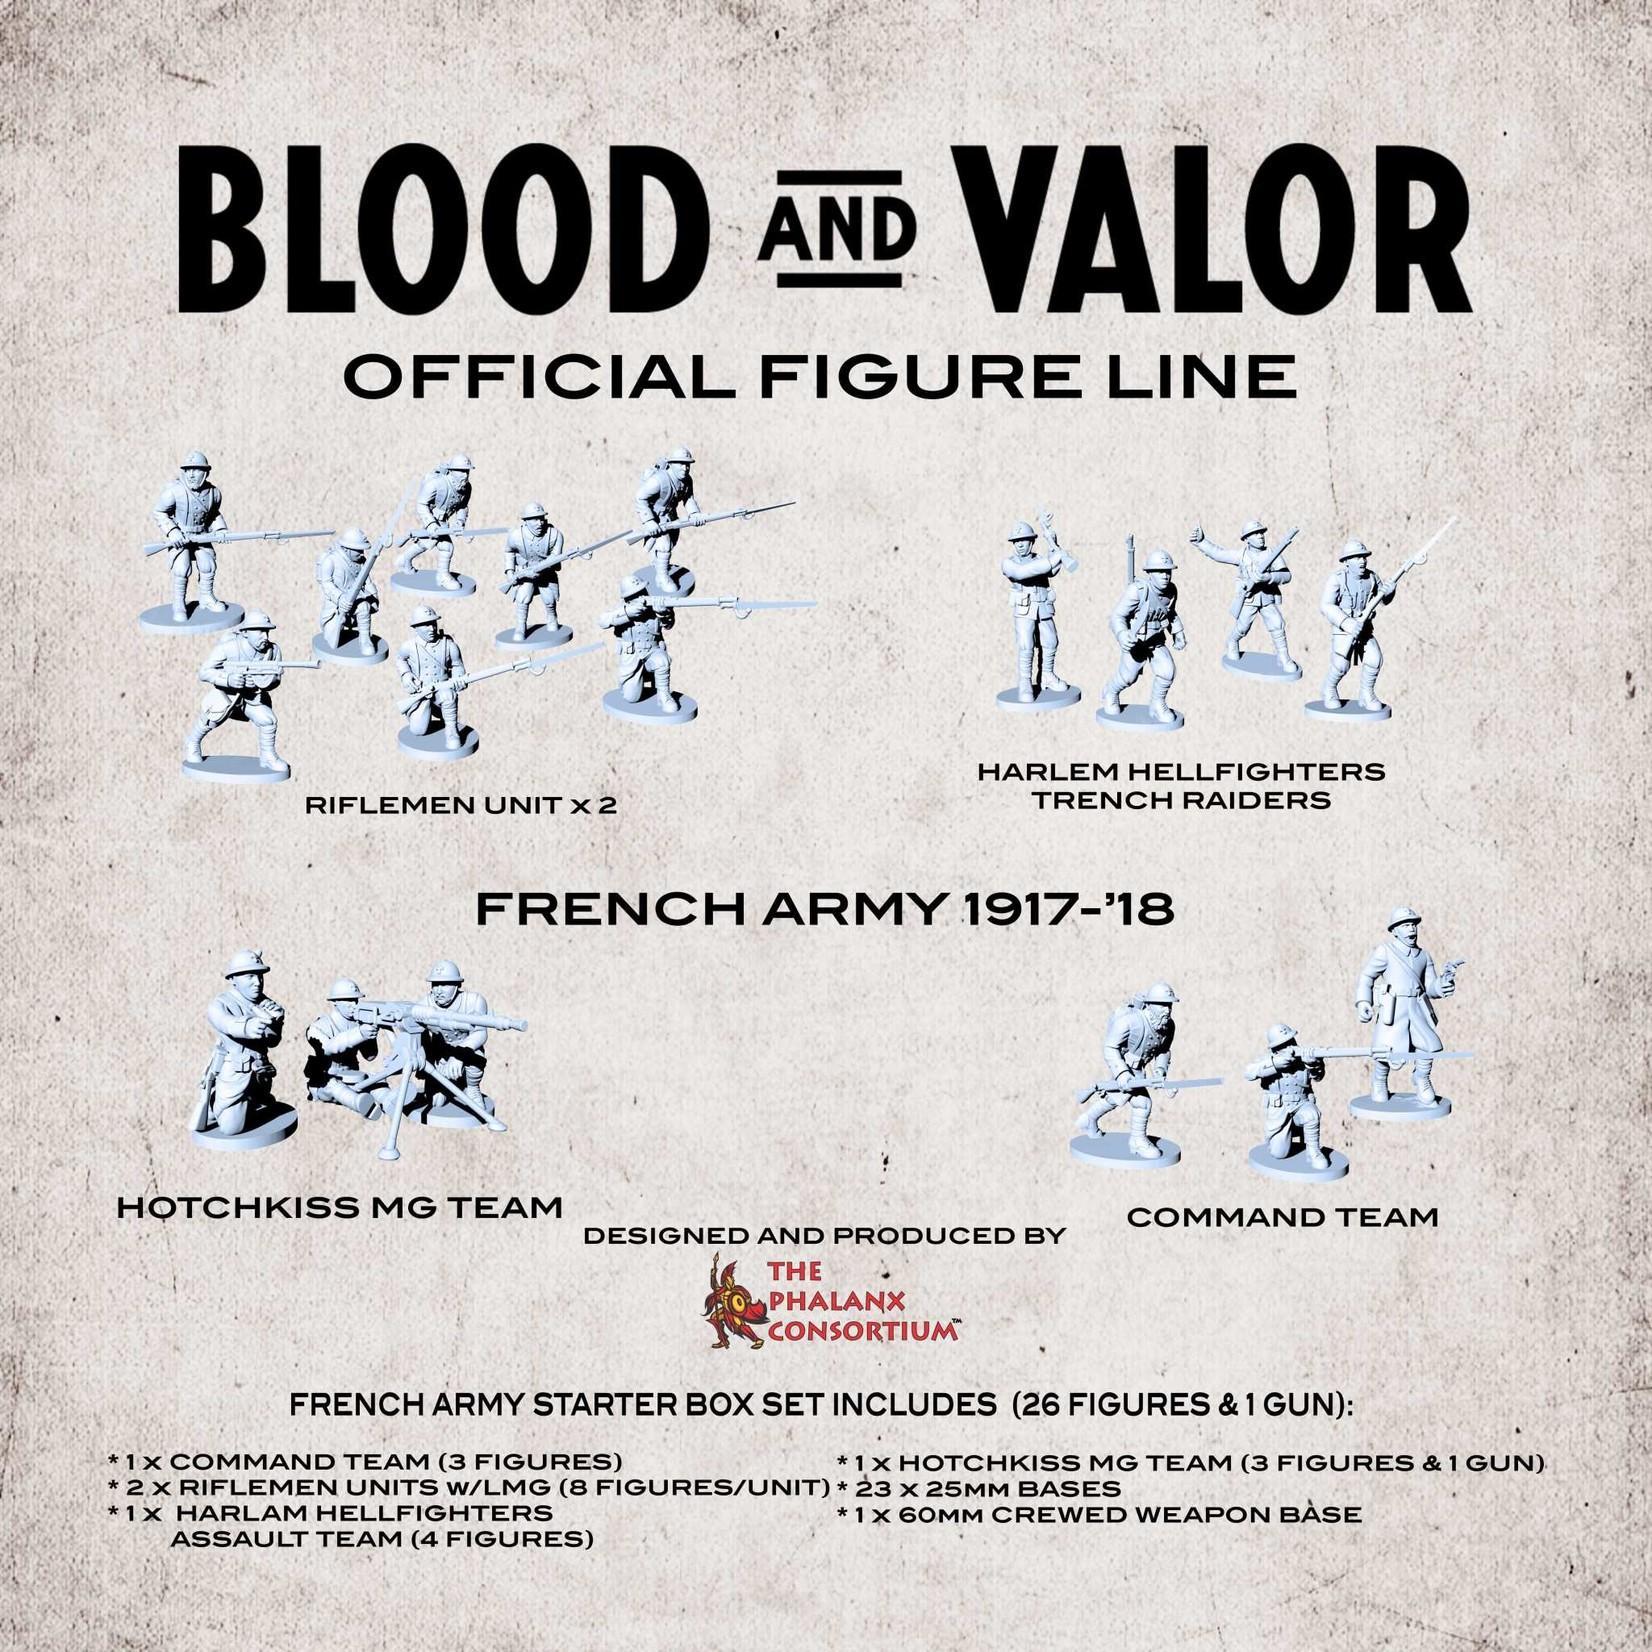 WWI French Army Starter Box 1917-'18